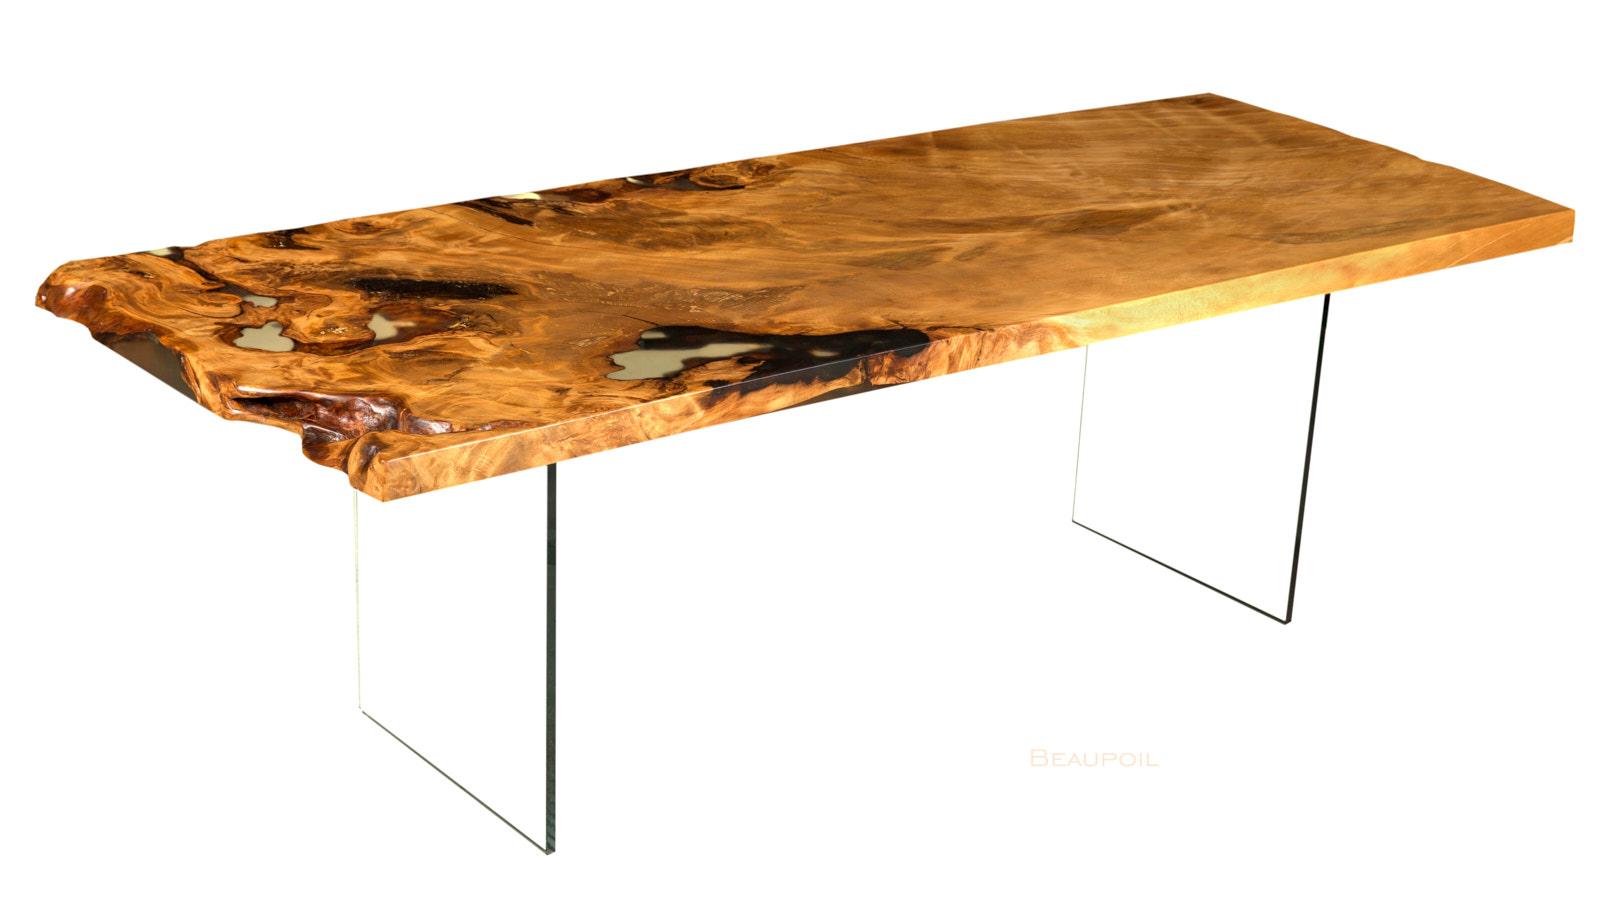 Original Kauri Holztisch Möbel als Wertanlage von Beaupoil, seltener Wurzeltisch aus kostbarem Holz